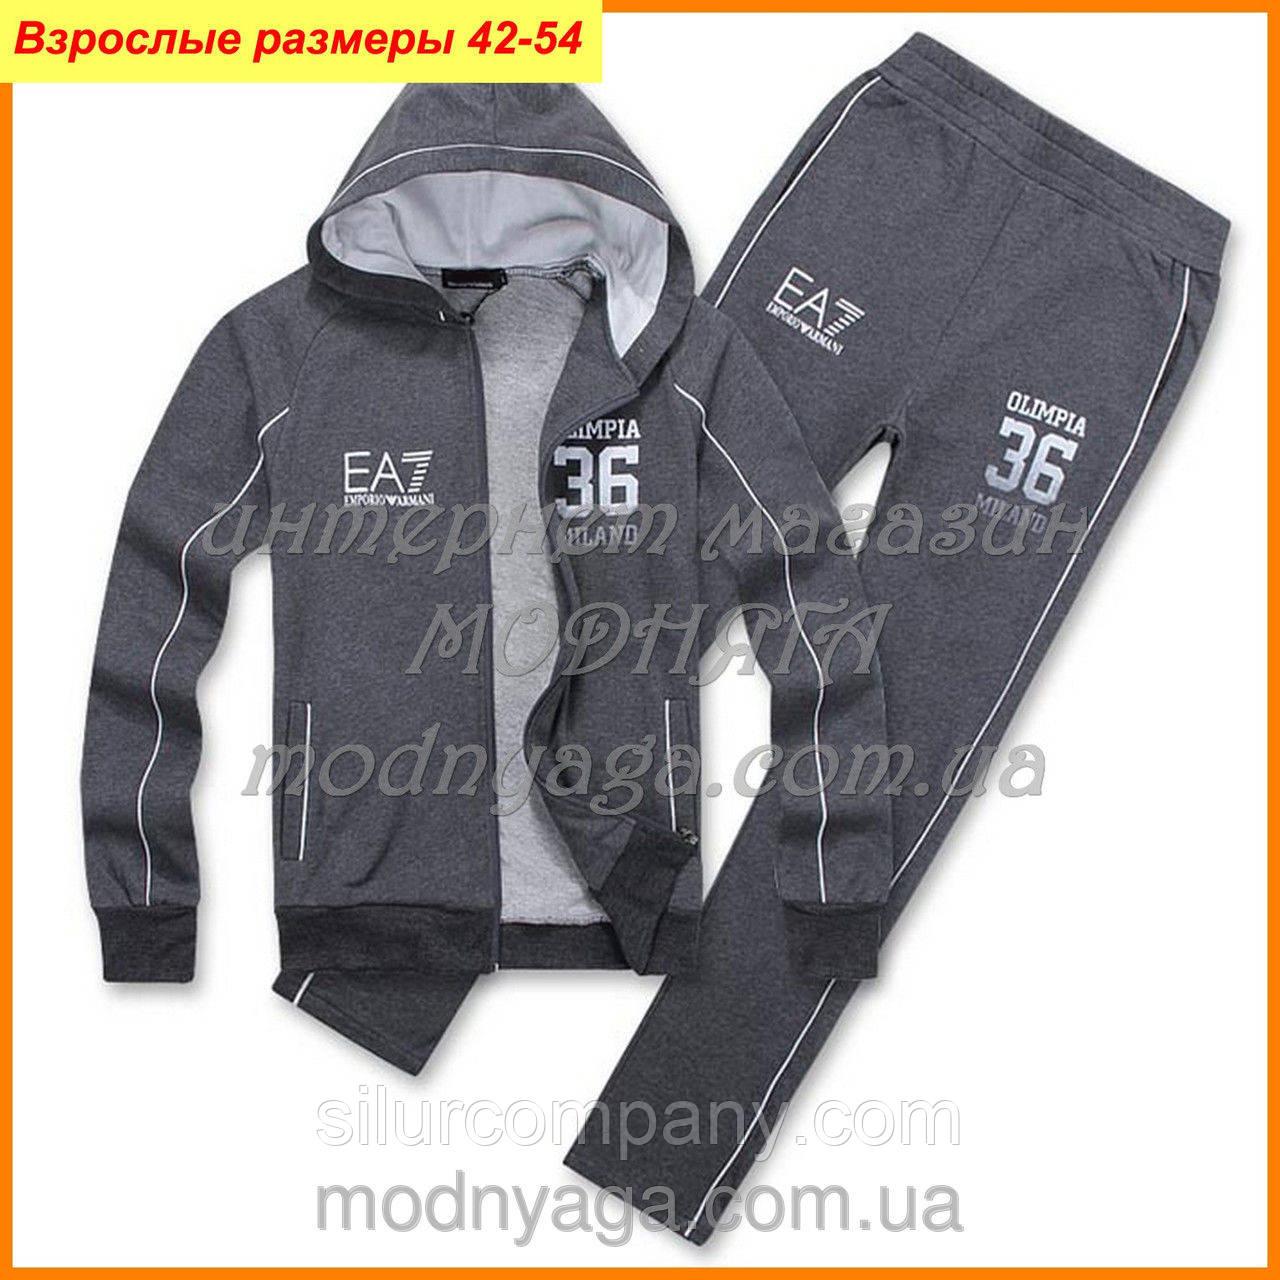 c335f772 Фирменные спортивные костюмы armani - Интернет магазин